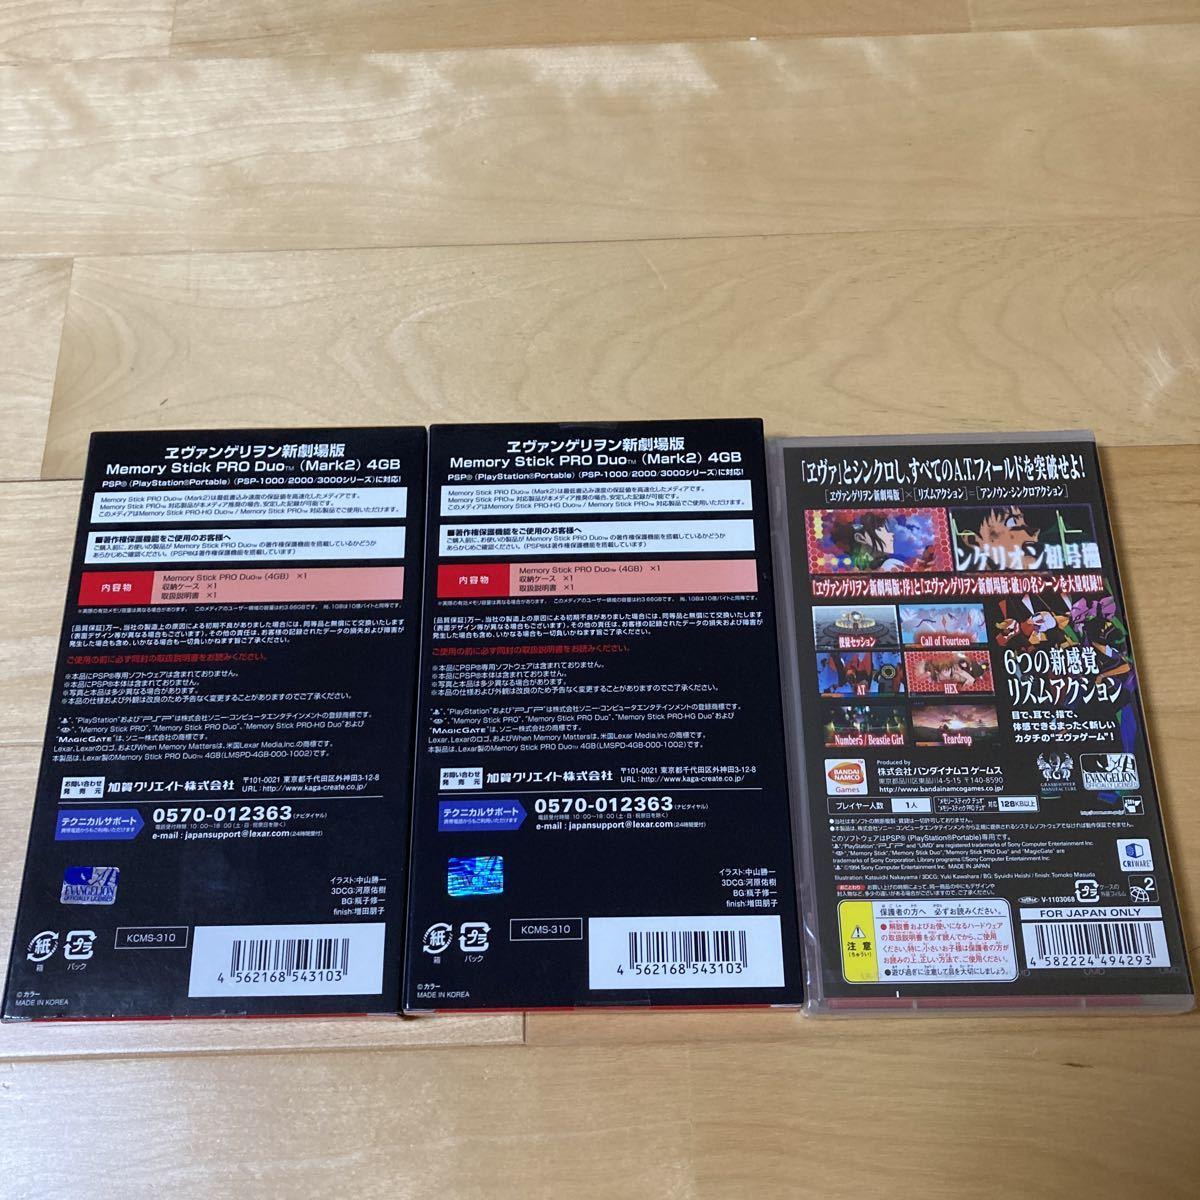 新品未開封 PSP エヴァ 新劇場版 メモリースティック レア 検索用 シン エヴァ